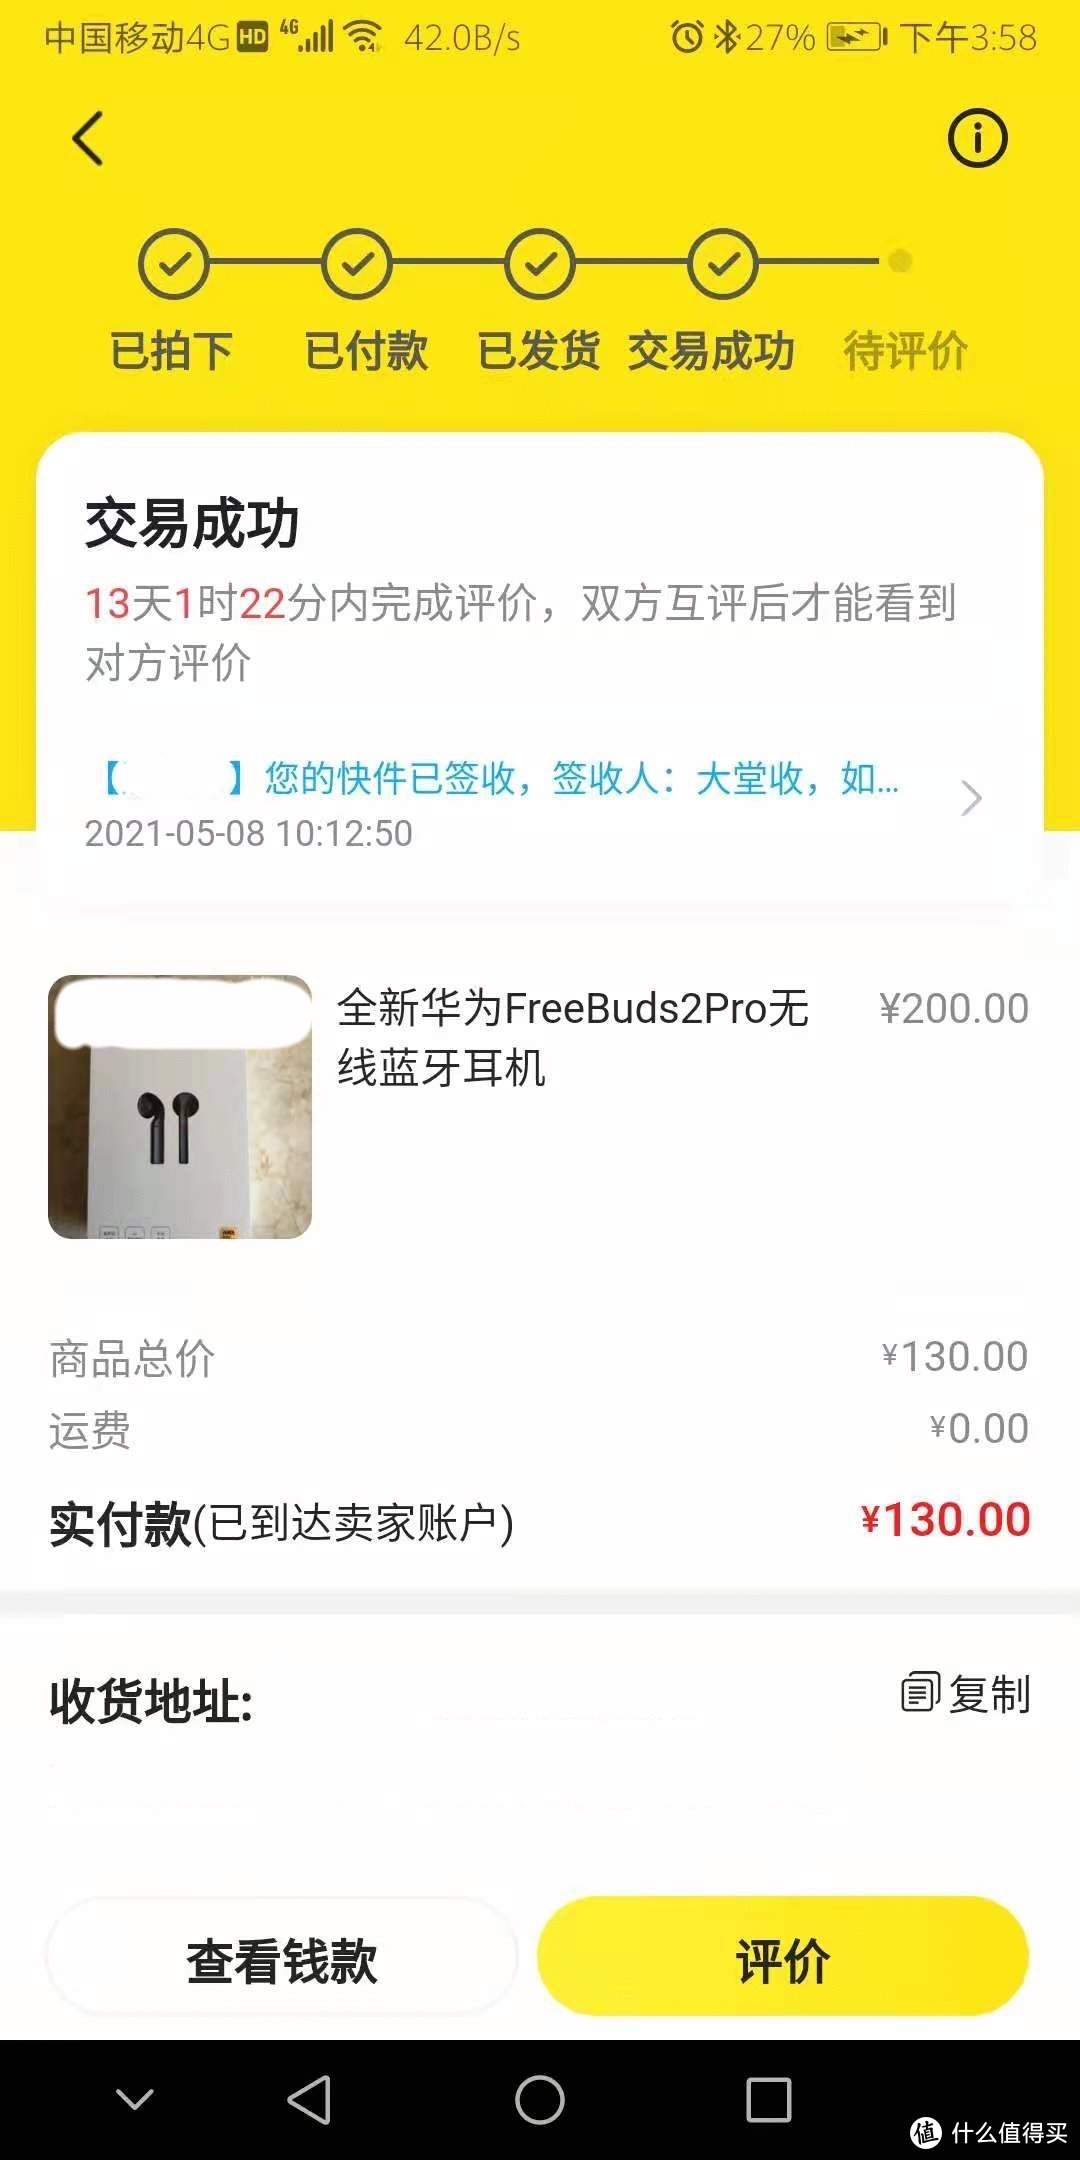 """互联网""""闲鱼""""捡破烂,130元收FreeBuds 2 Pro!真香!!!"""